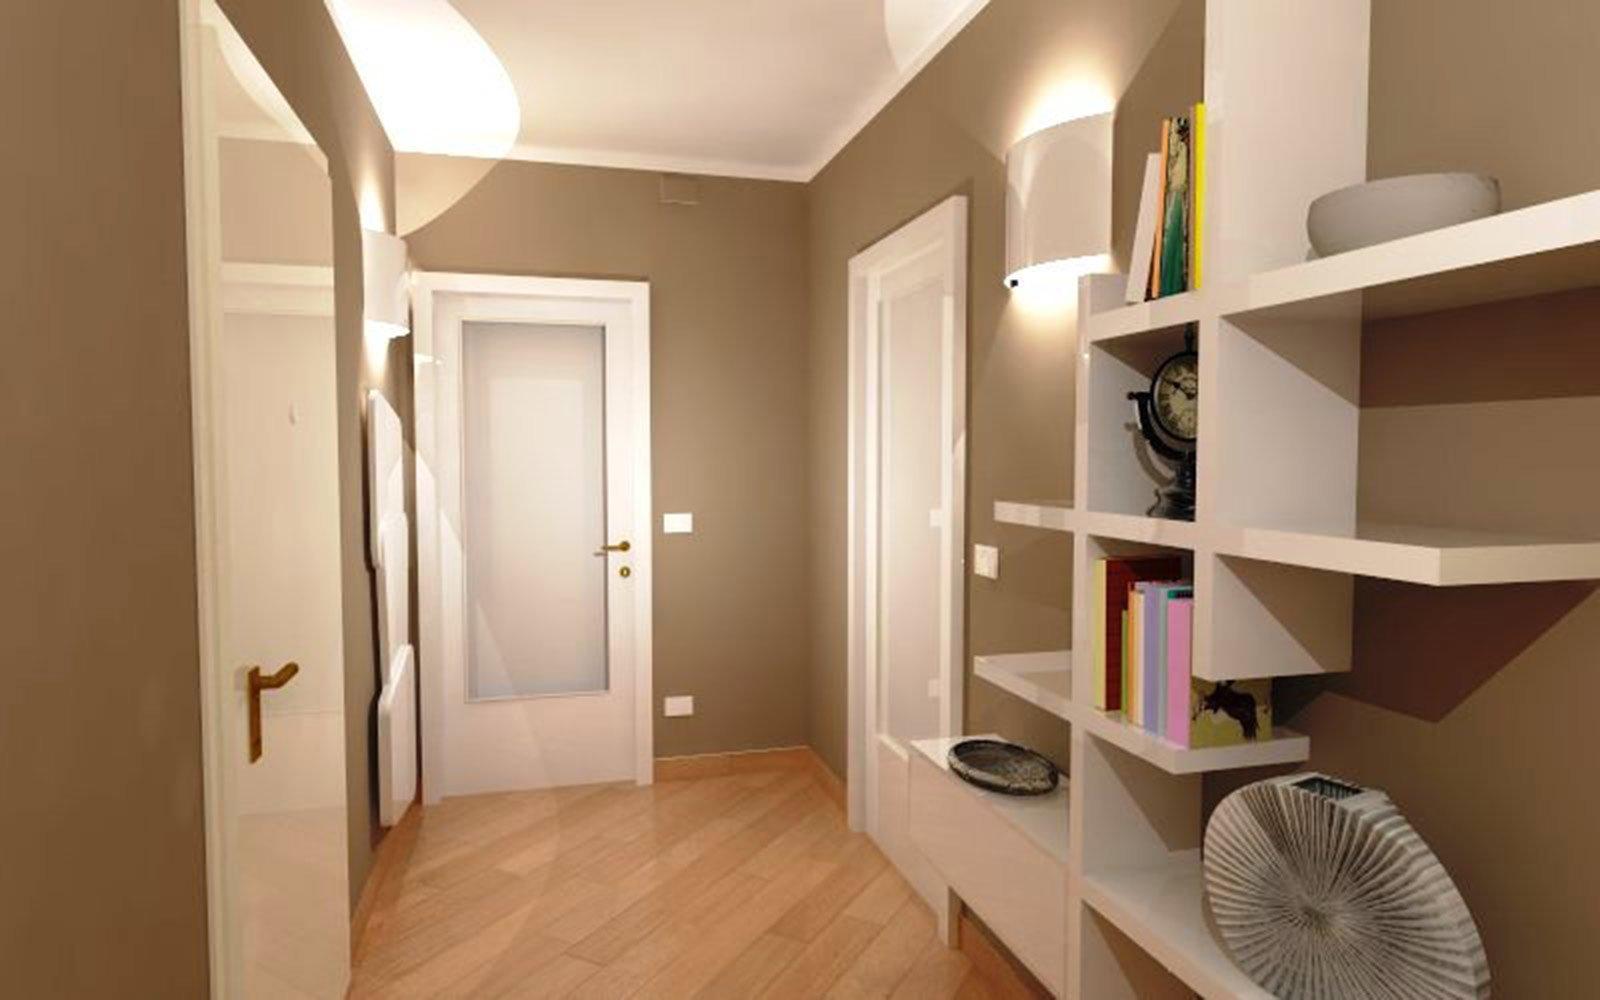 Corridoio quali finiture per pavimento e porte cose di - Colorare i mobili ...